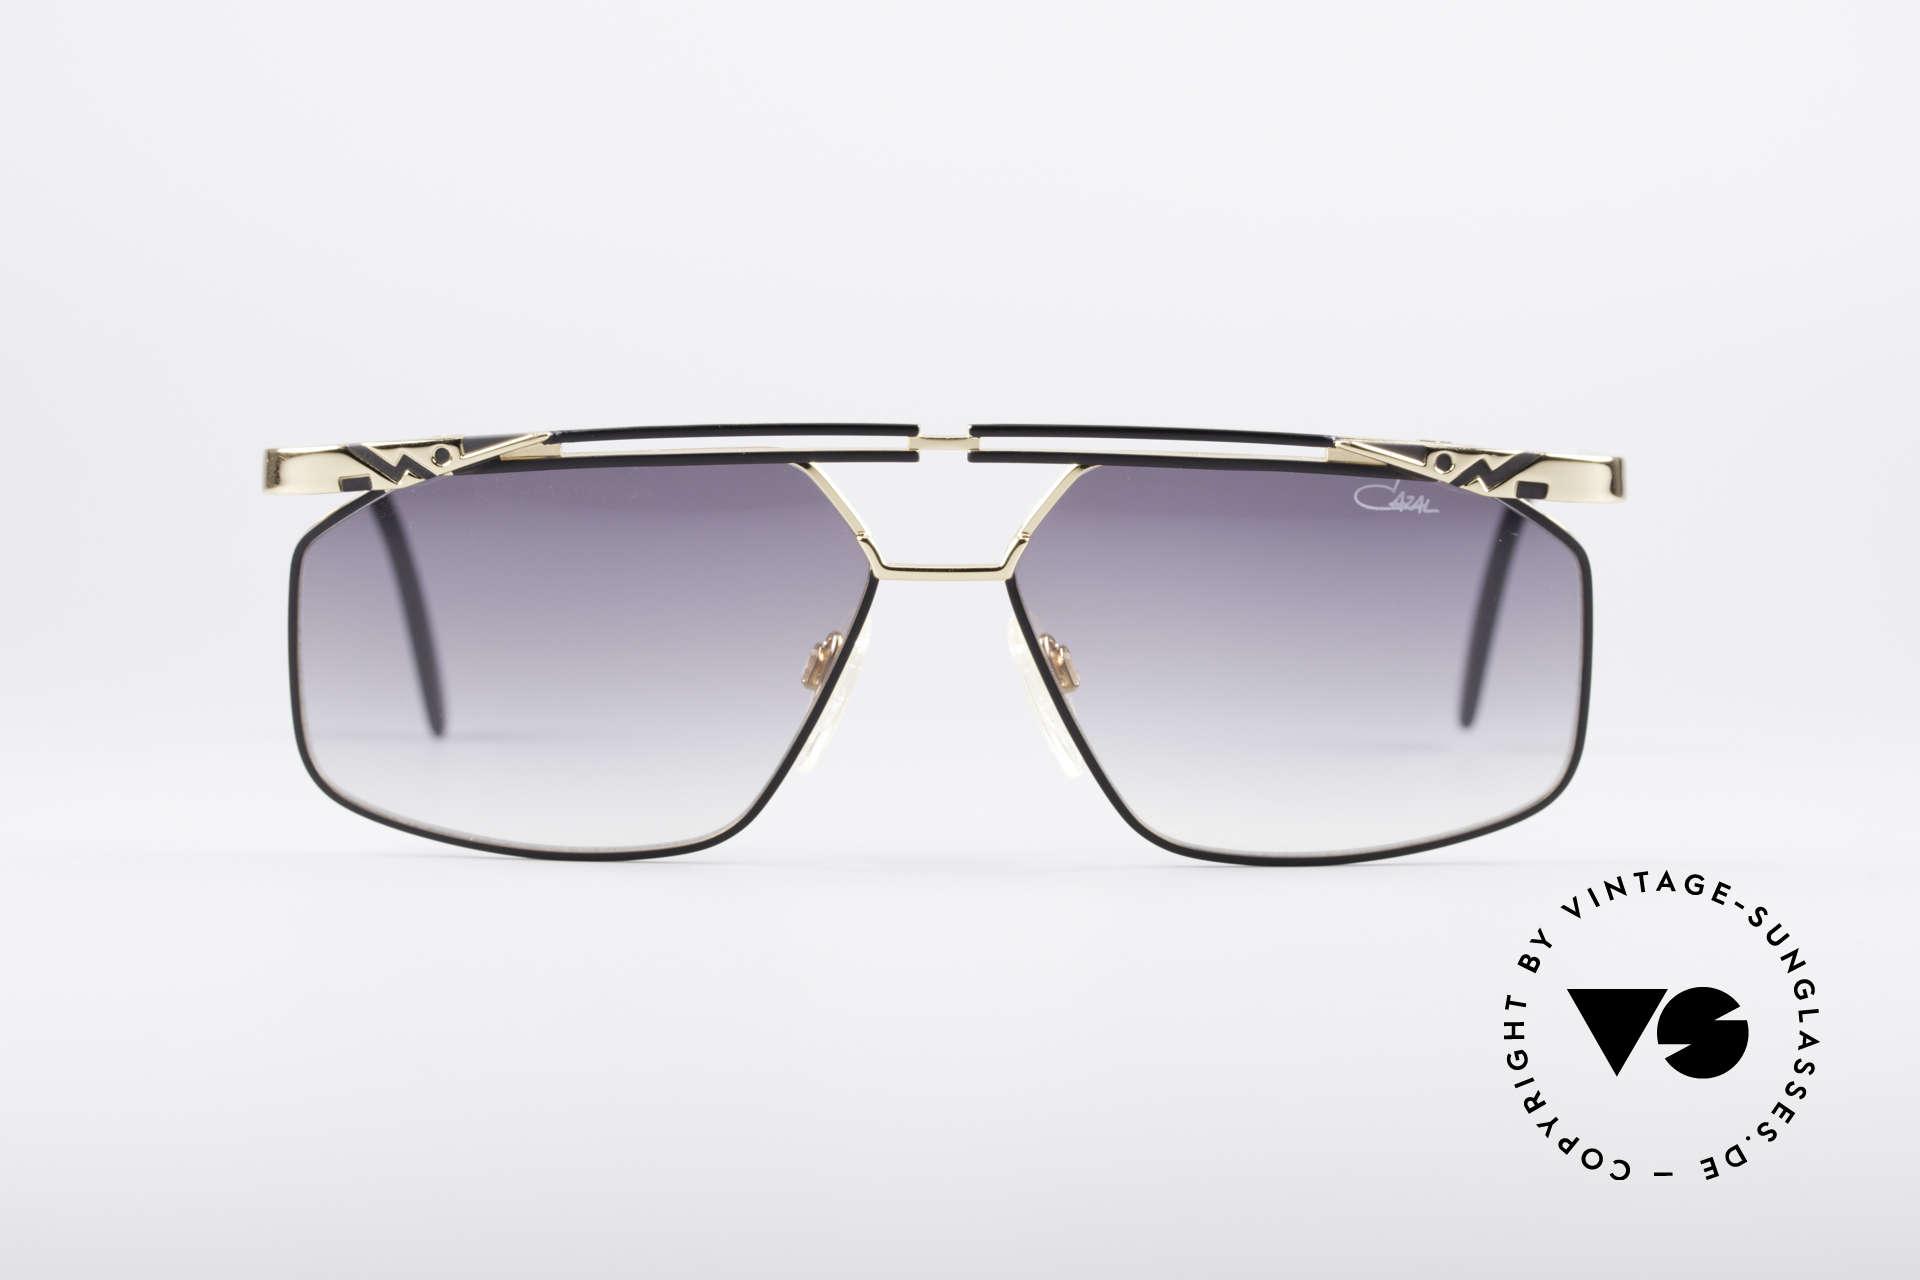 bccca3de3e3a Sonnenbrillen Cazal 966 Markante 90er Designer Brille